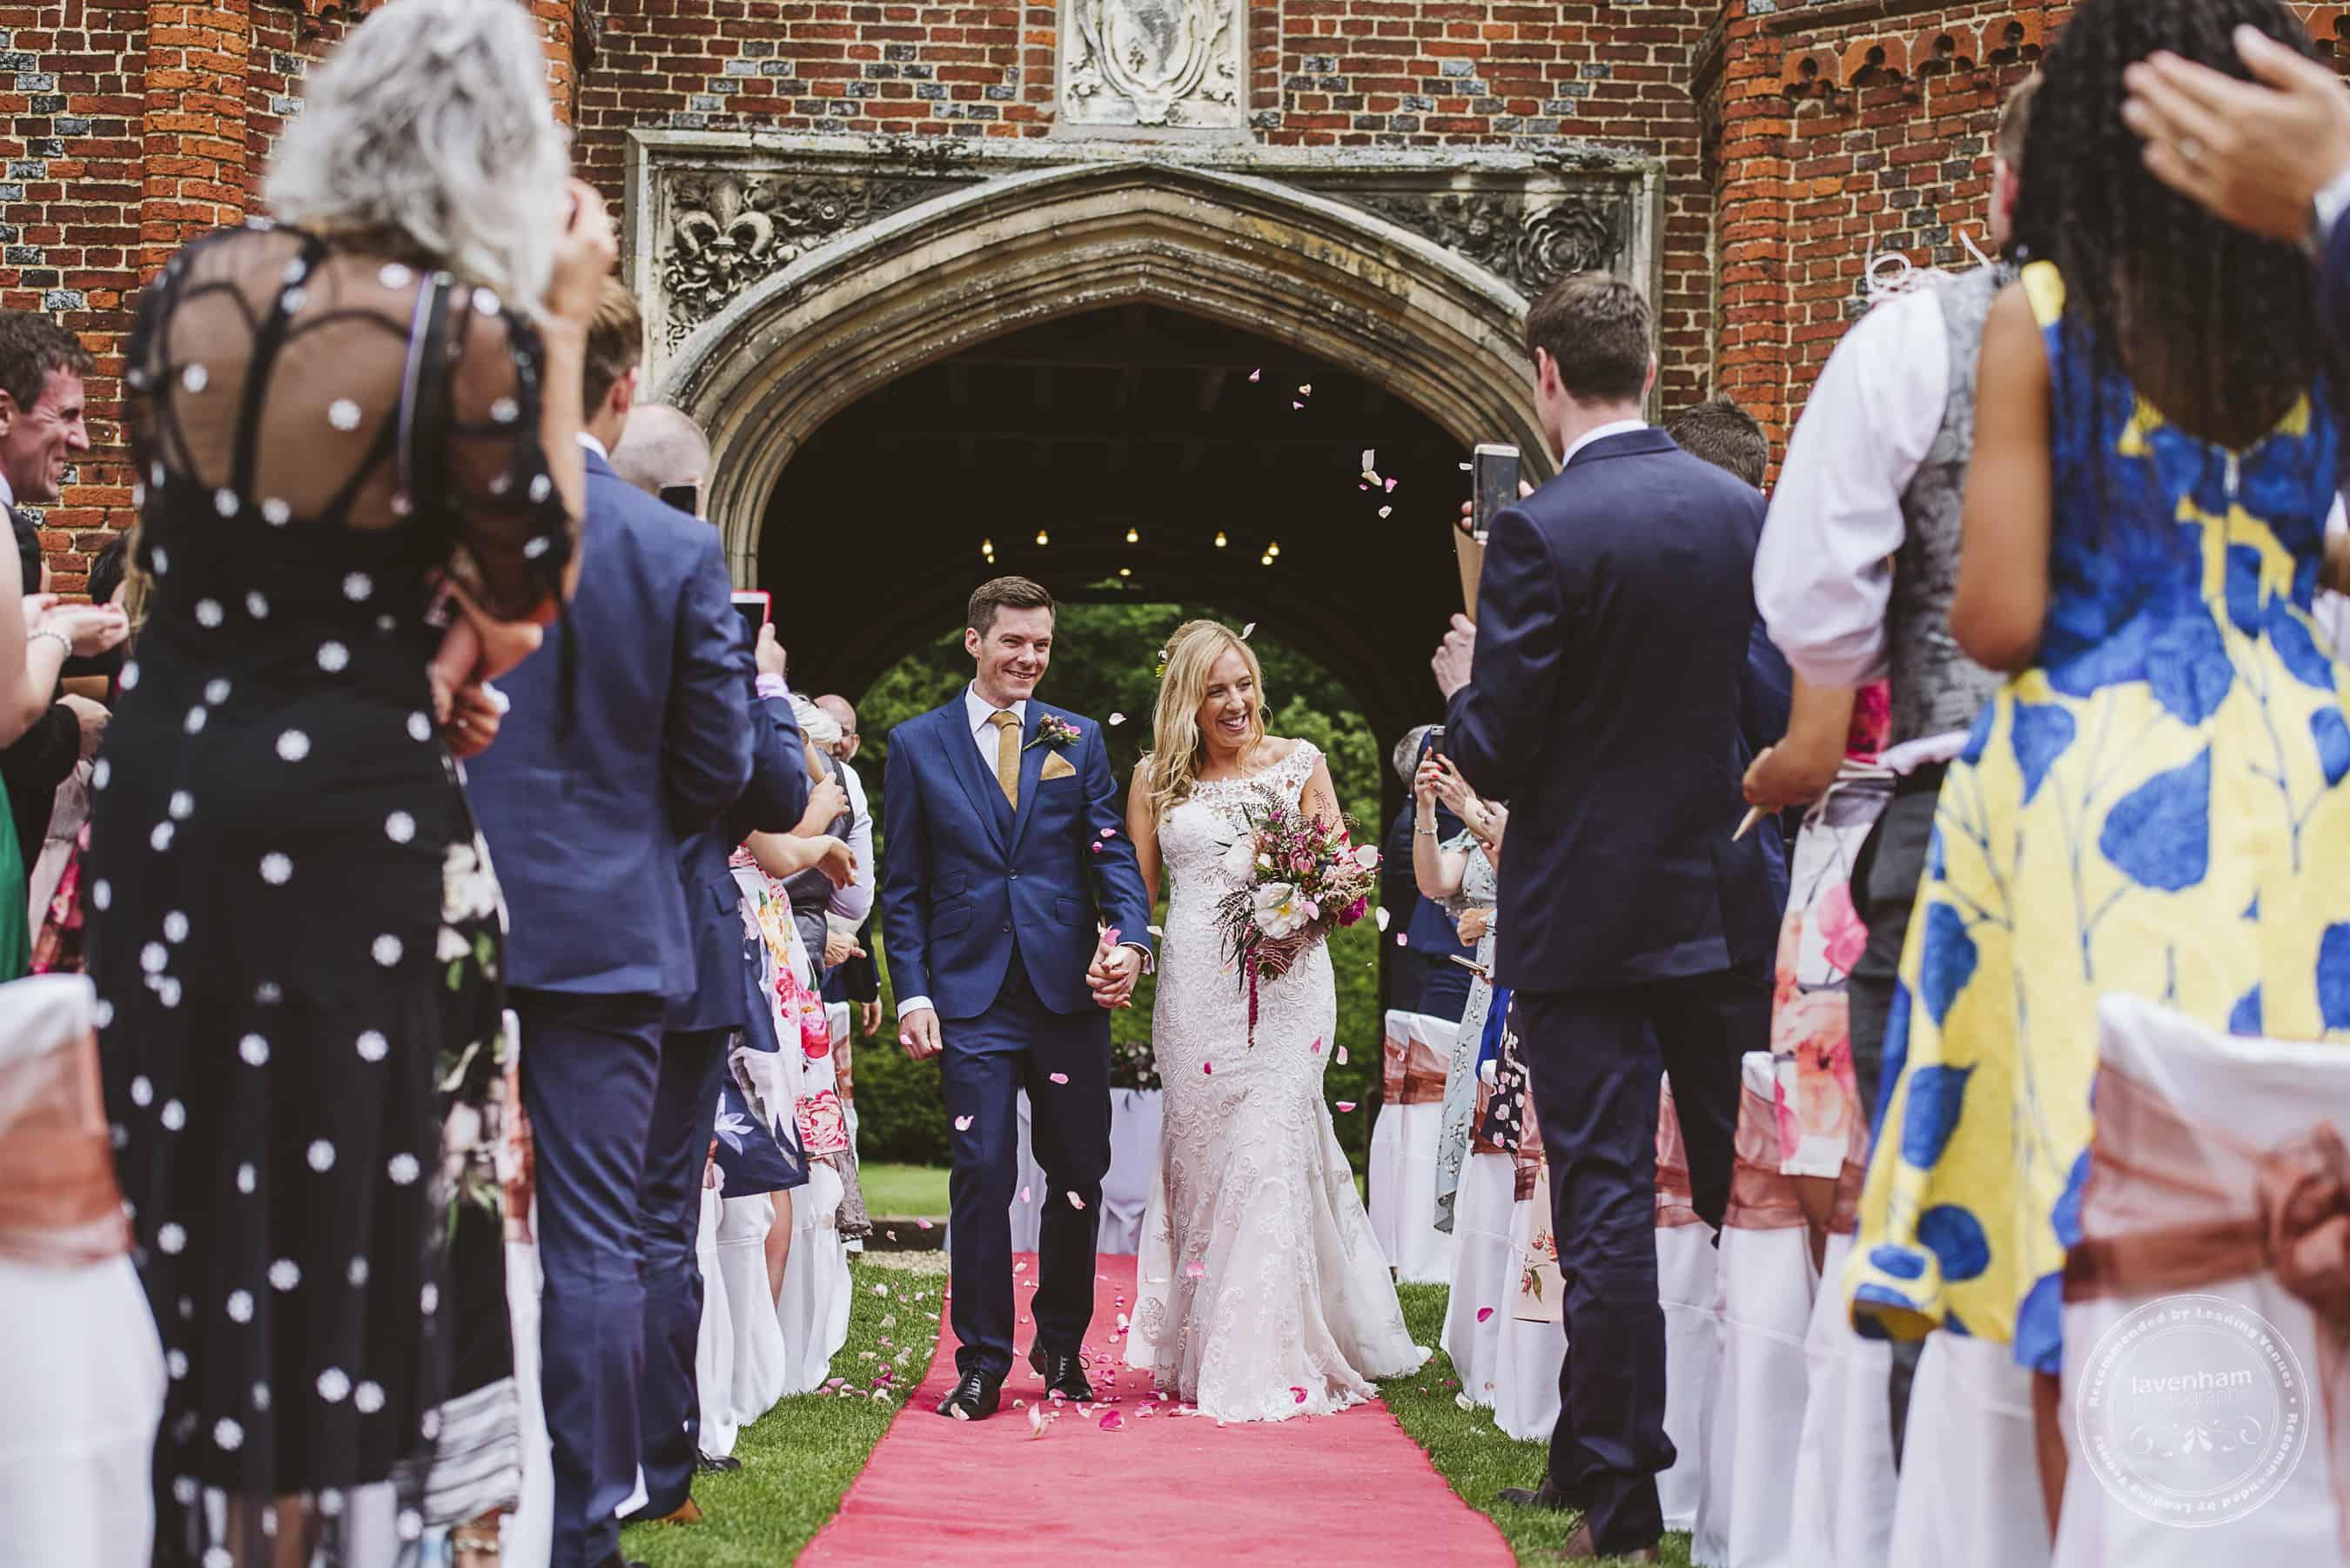 020618 Leez Priory Wedding Photography Lavenham Photographic 066